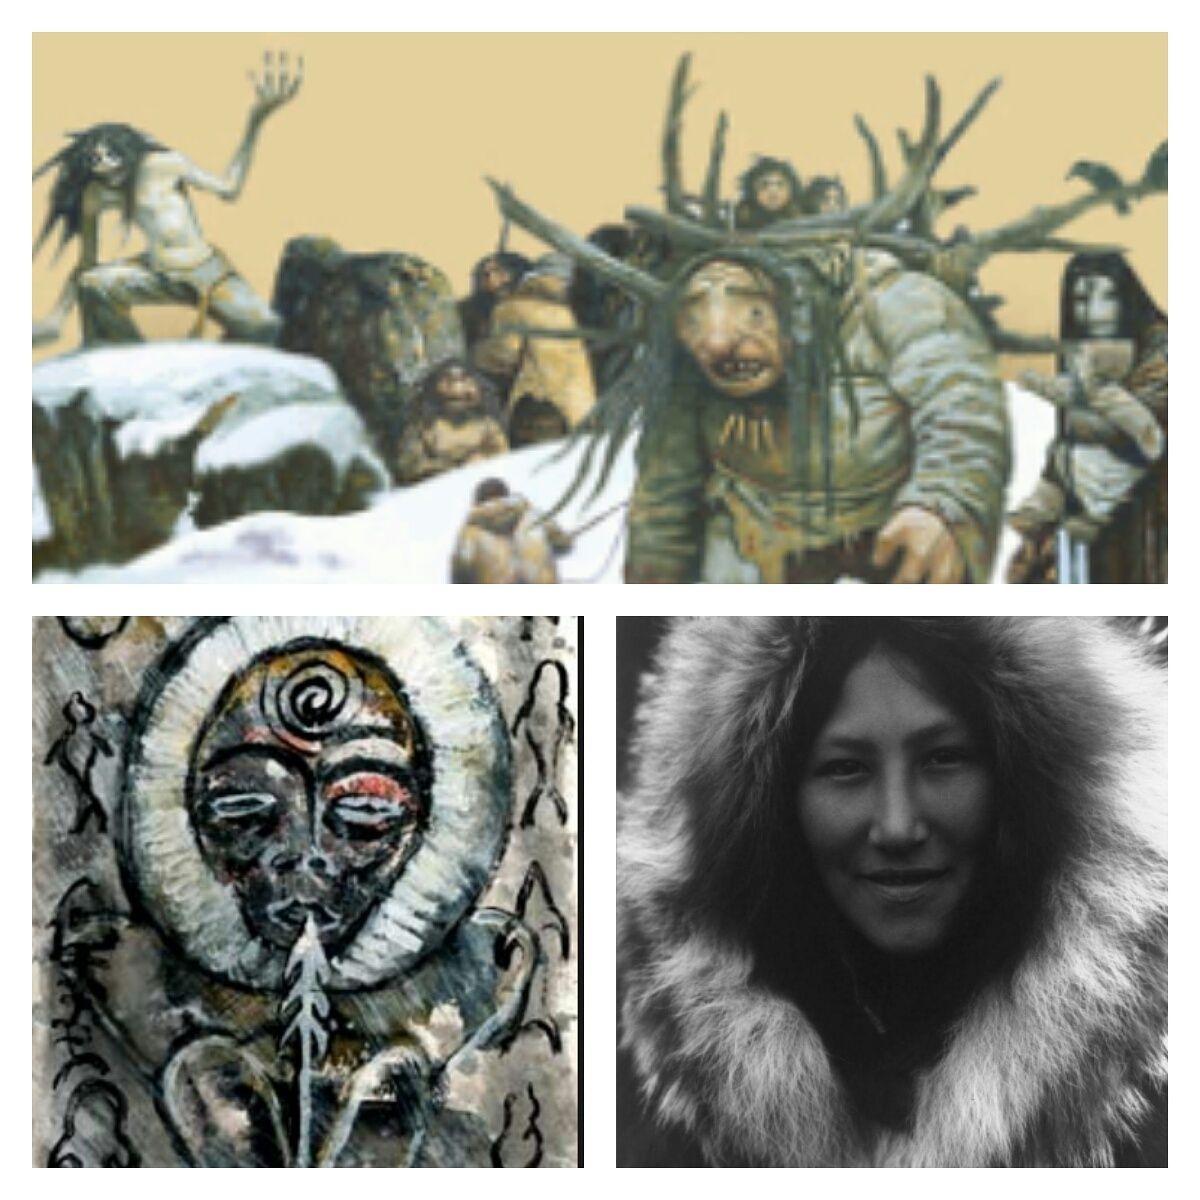 mitologia inuit o mitologia de los esquimales viven en las